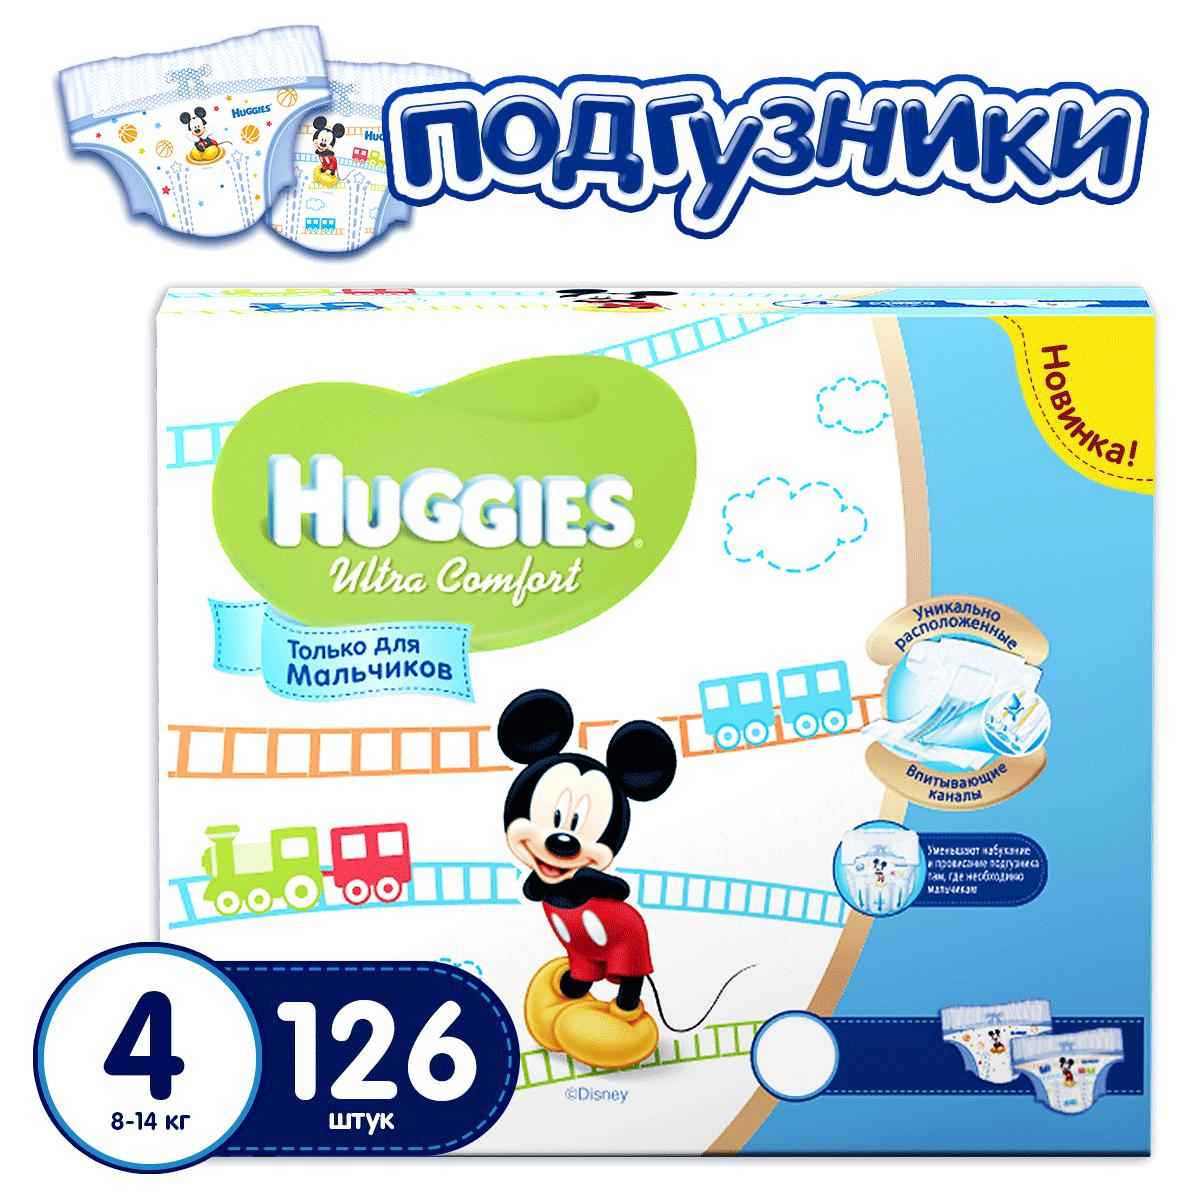 Подгузники Huggies Ultra Comfort Disney для мальчиков 8-14 кг (126 шт) Размер 4<br>